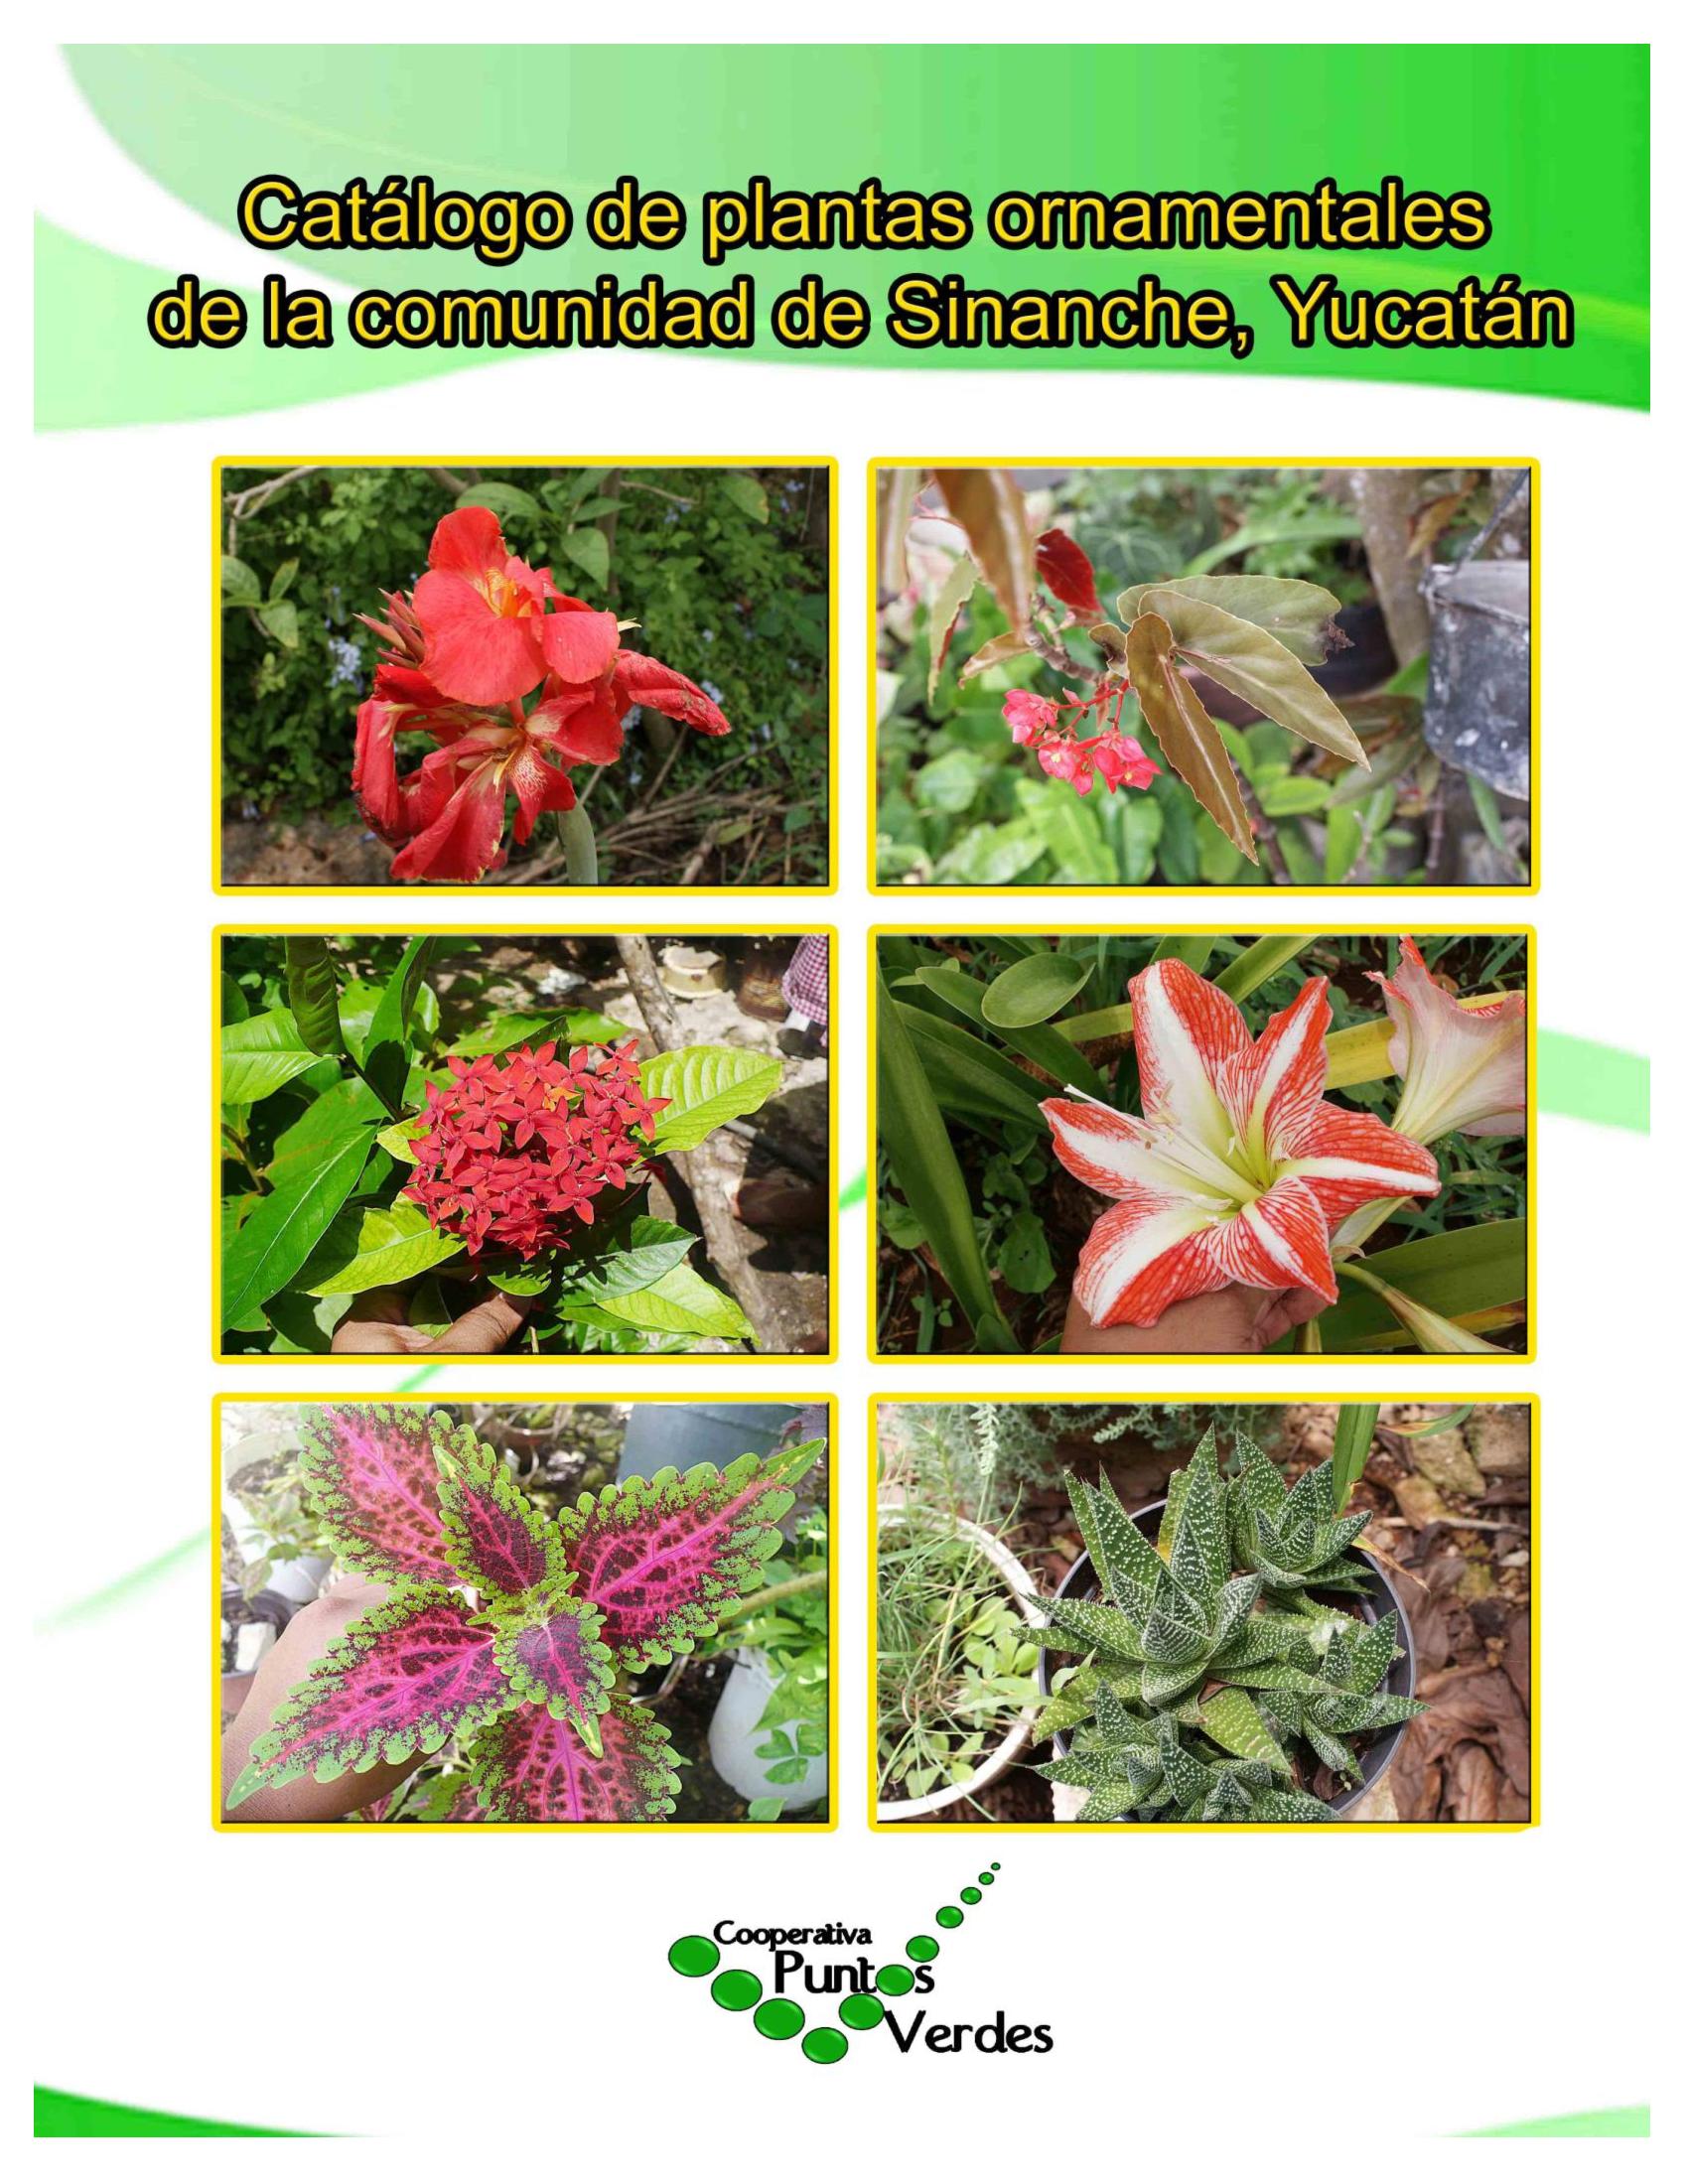 Catalogo de plantas ornamentales de sinanche yucat n for Informacion de plantas ornamentales